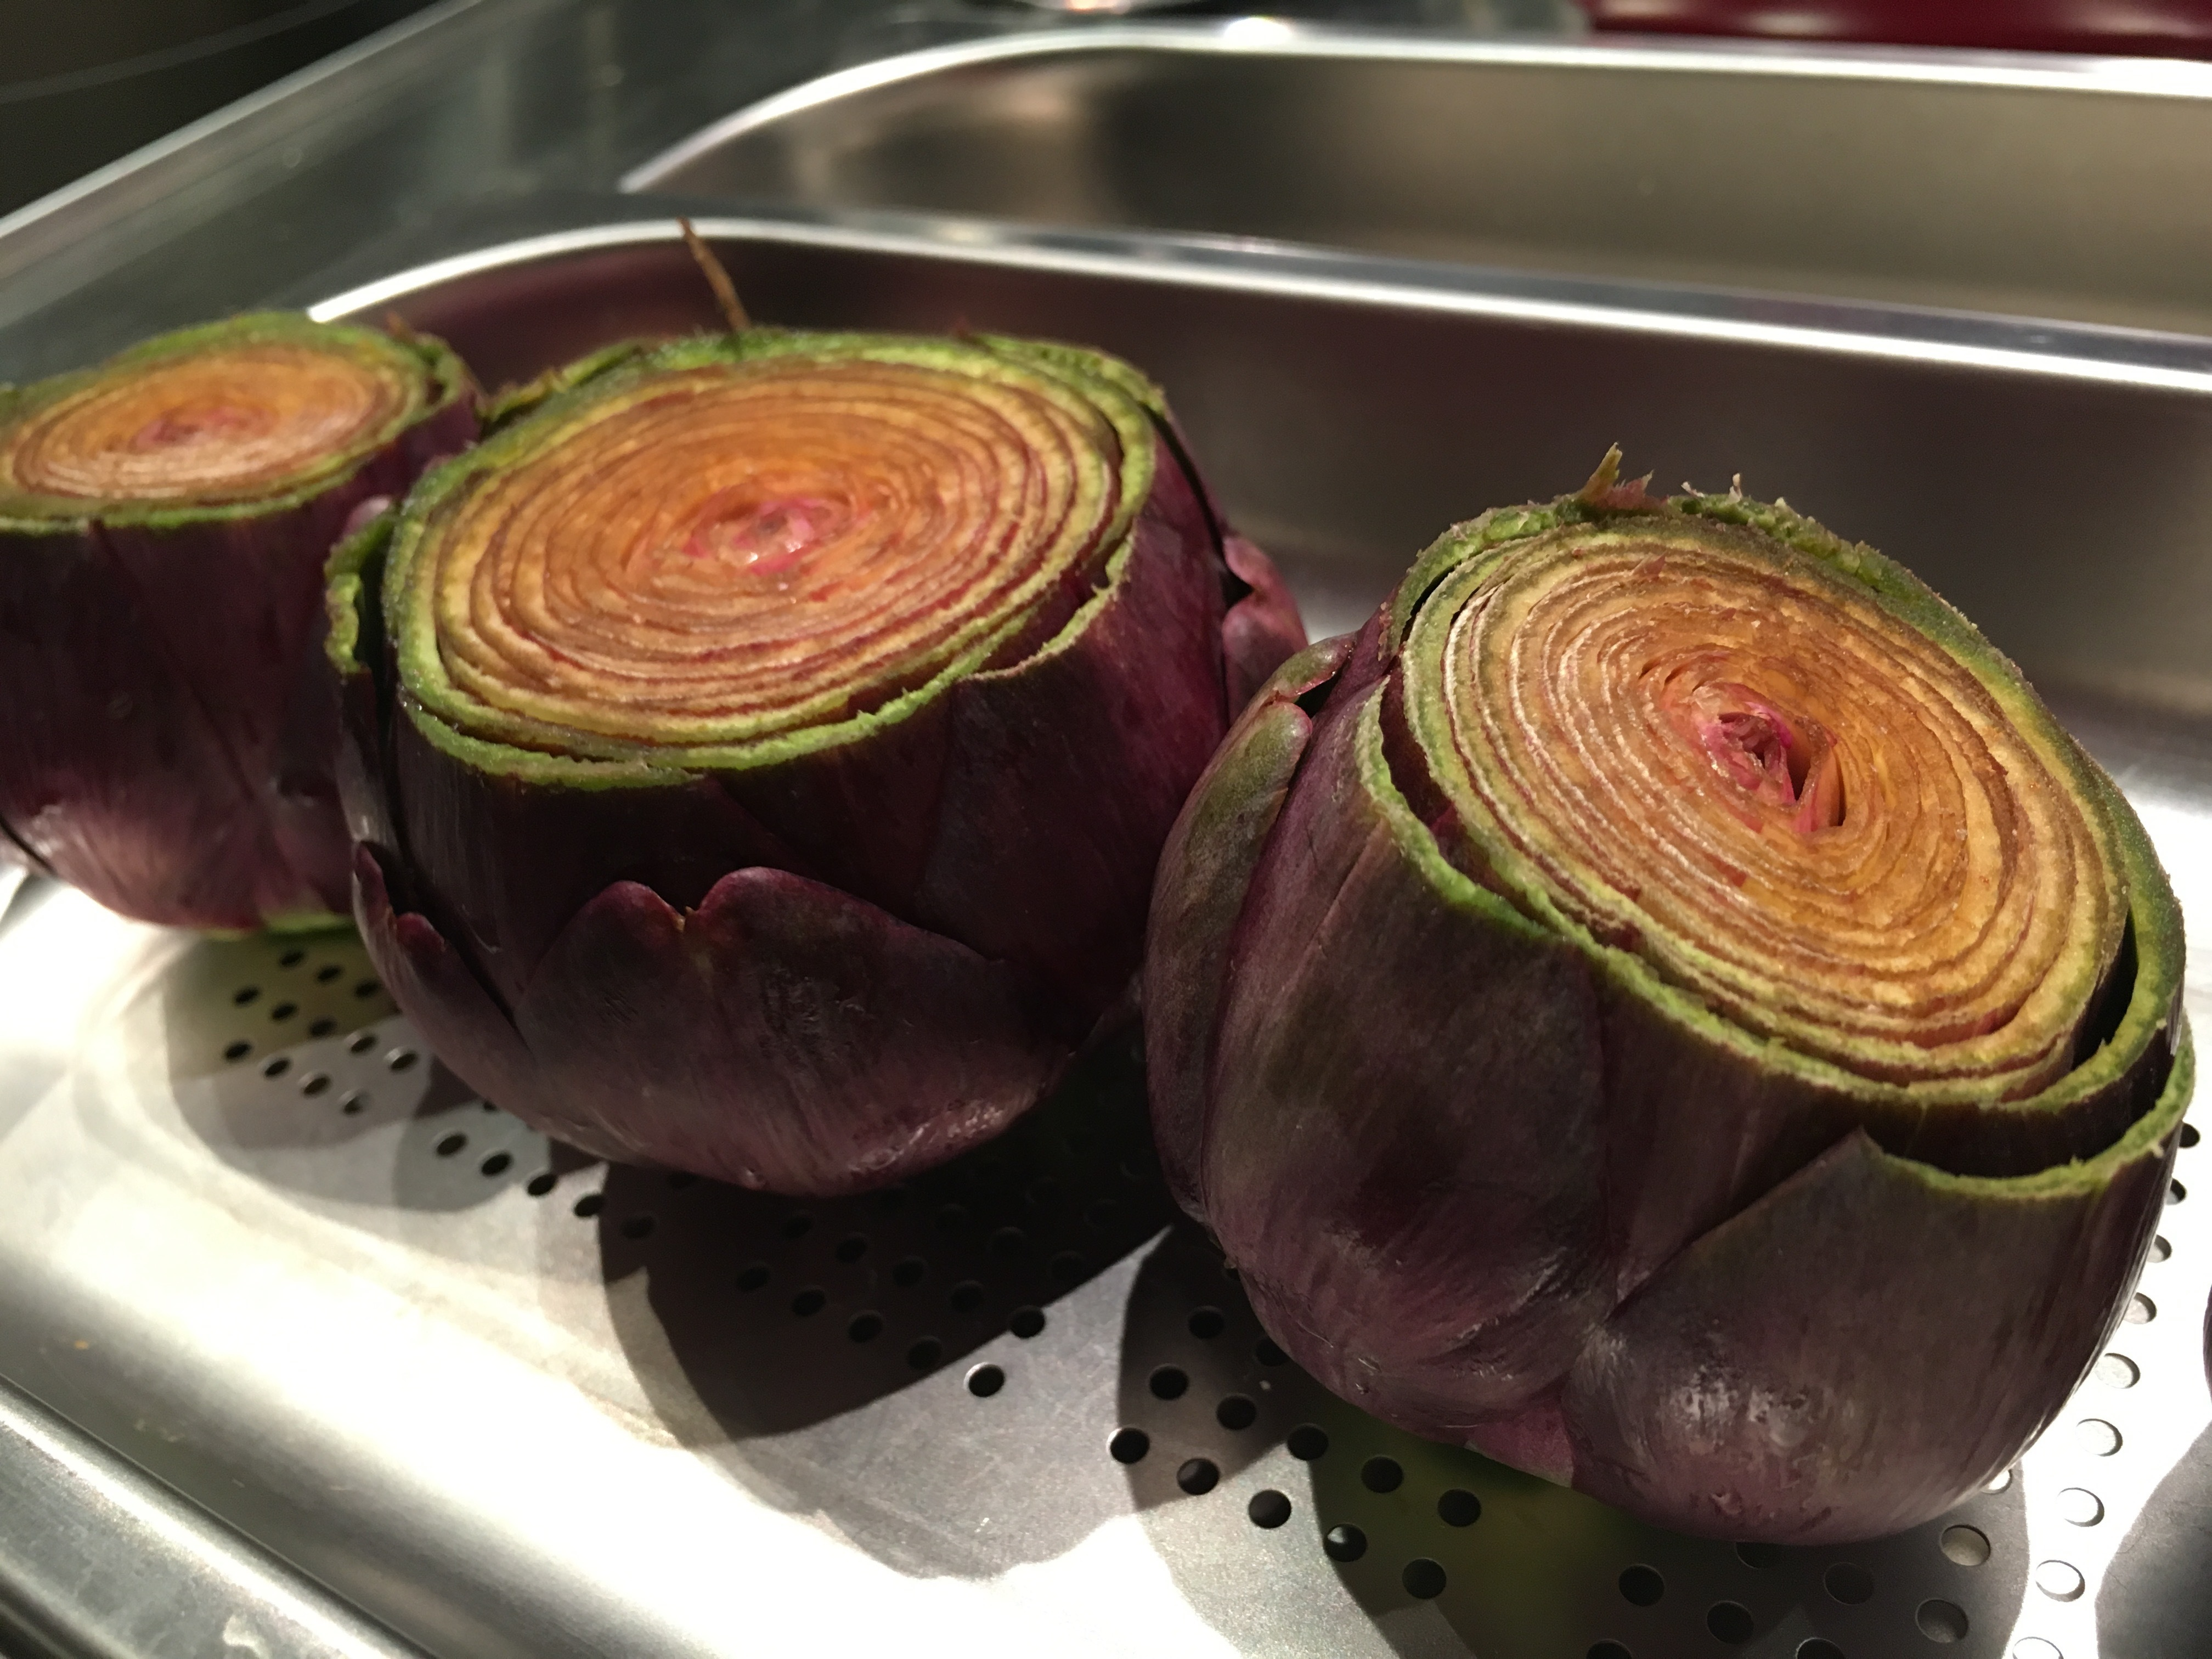 [C'est de saison!) Pintade rôtie. Artichauts violets et olives noires.